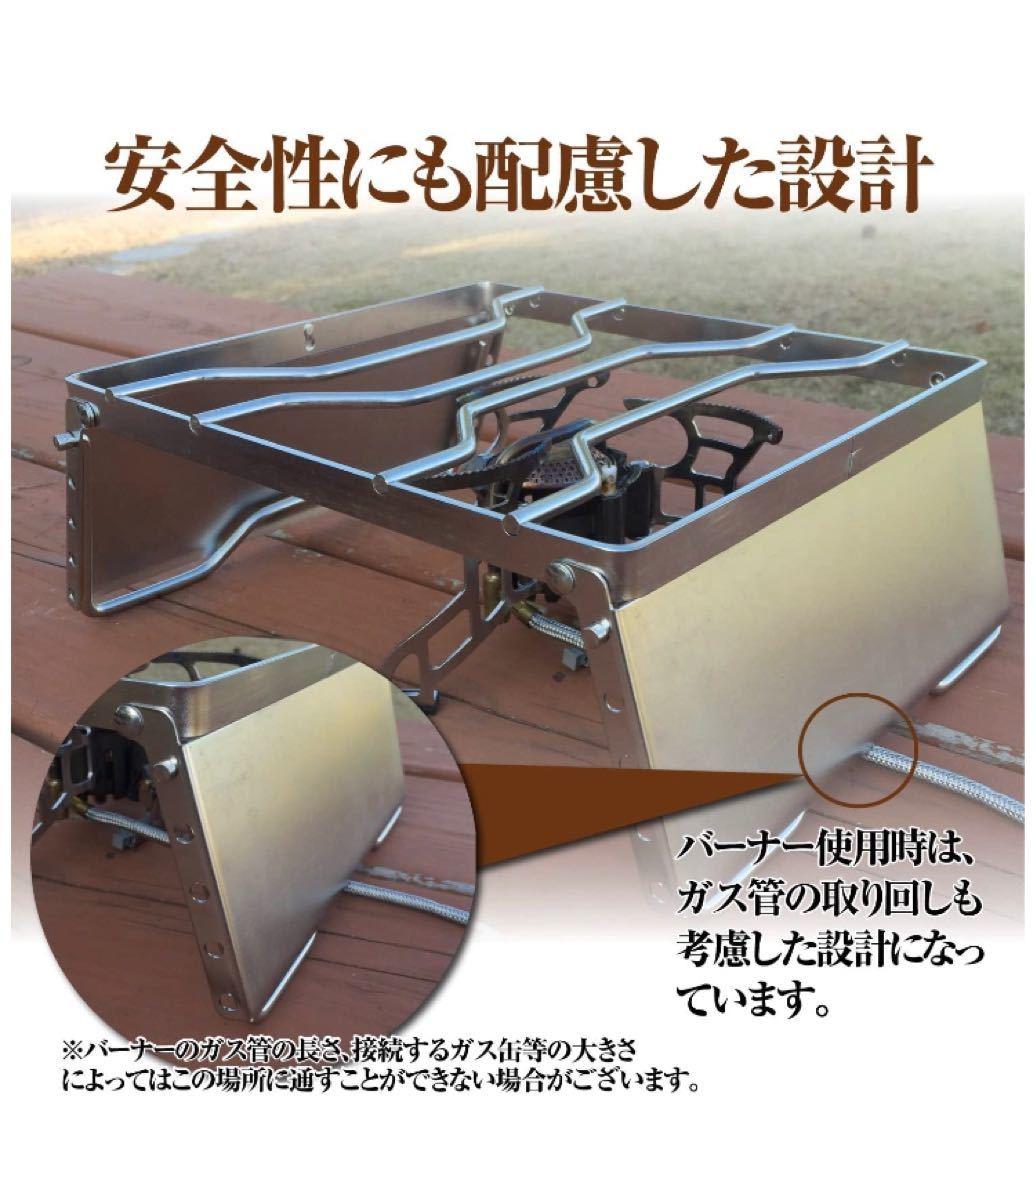 シングルバーナースタンド クッカースタンド グリルスタンド 風防板付き 高さ5段階調整可能